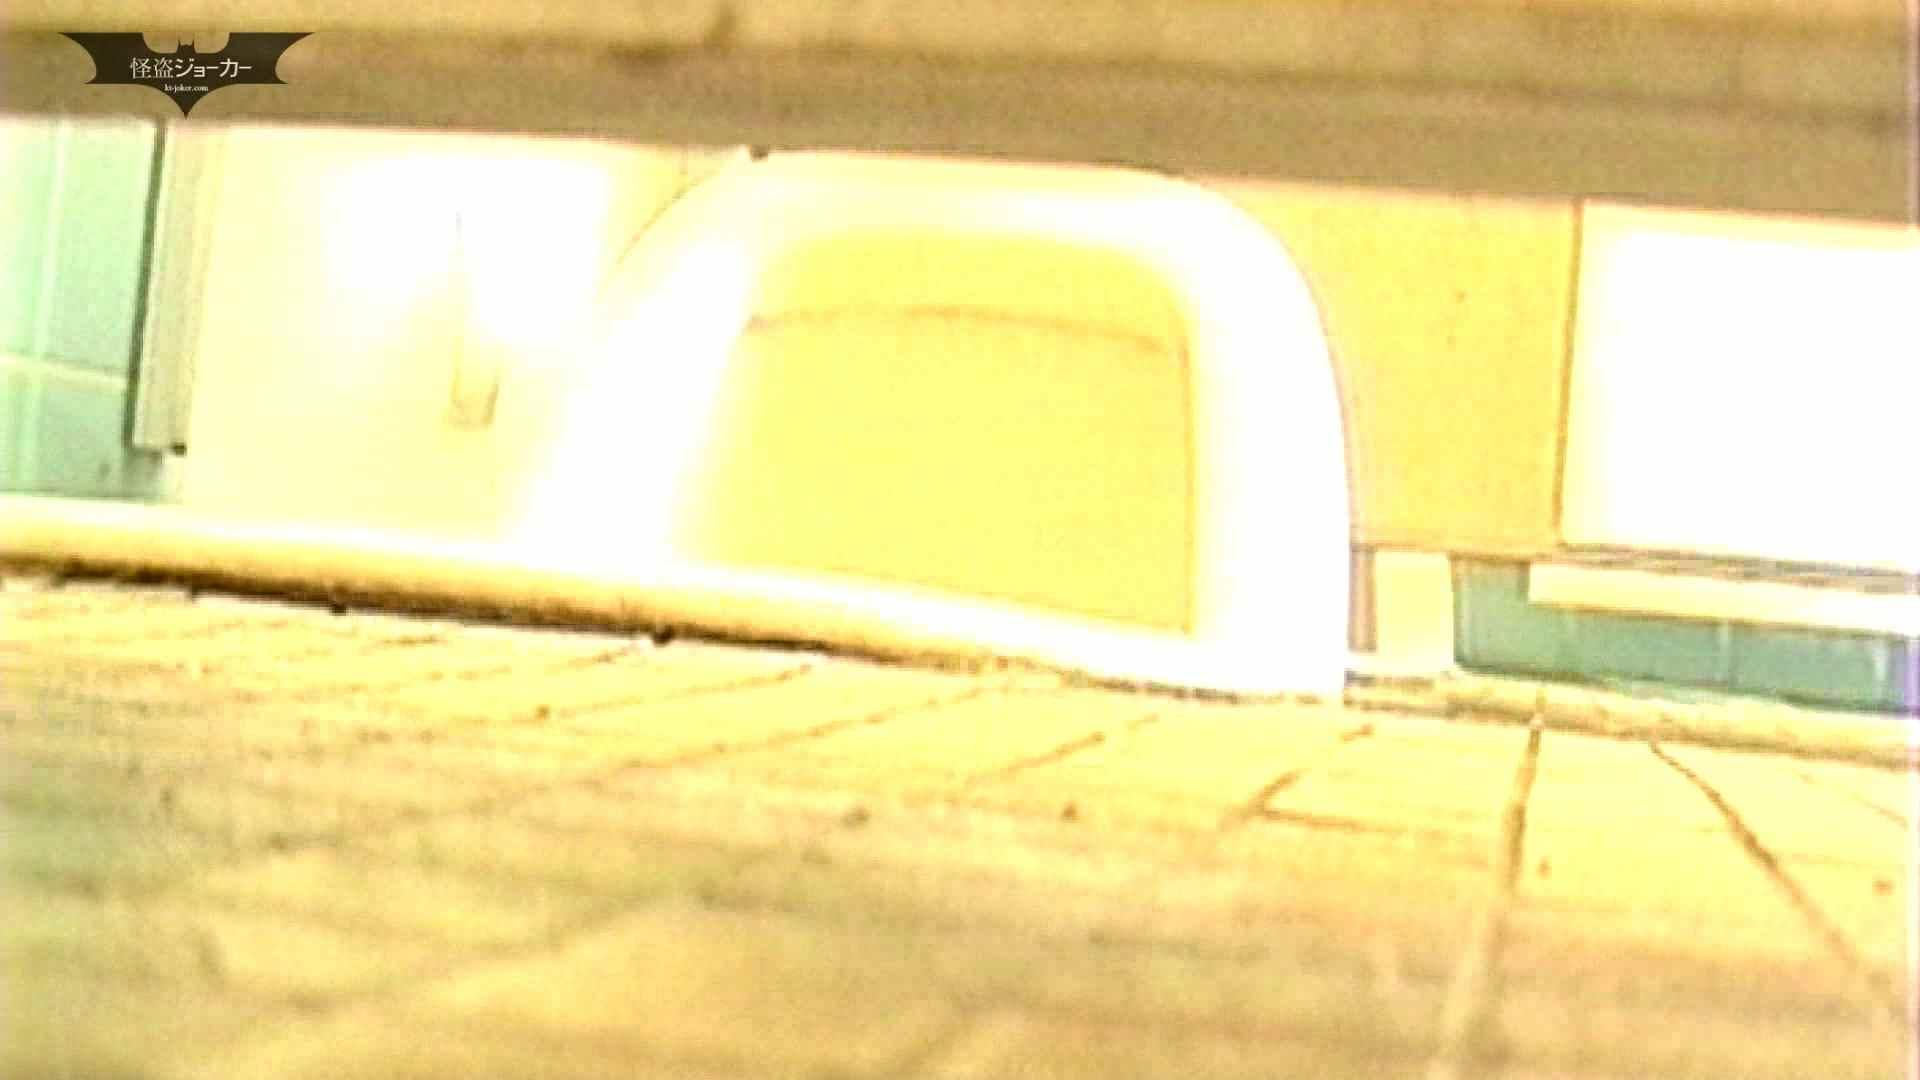 女の子の休み時間のひととき Vol.03 盗撮・必見 オメコ動画キャプチャ 54画像 16